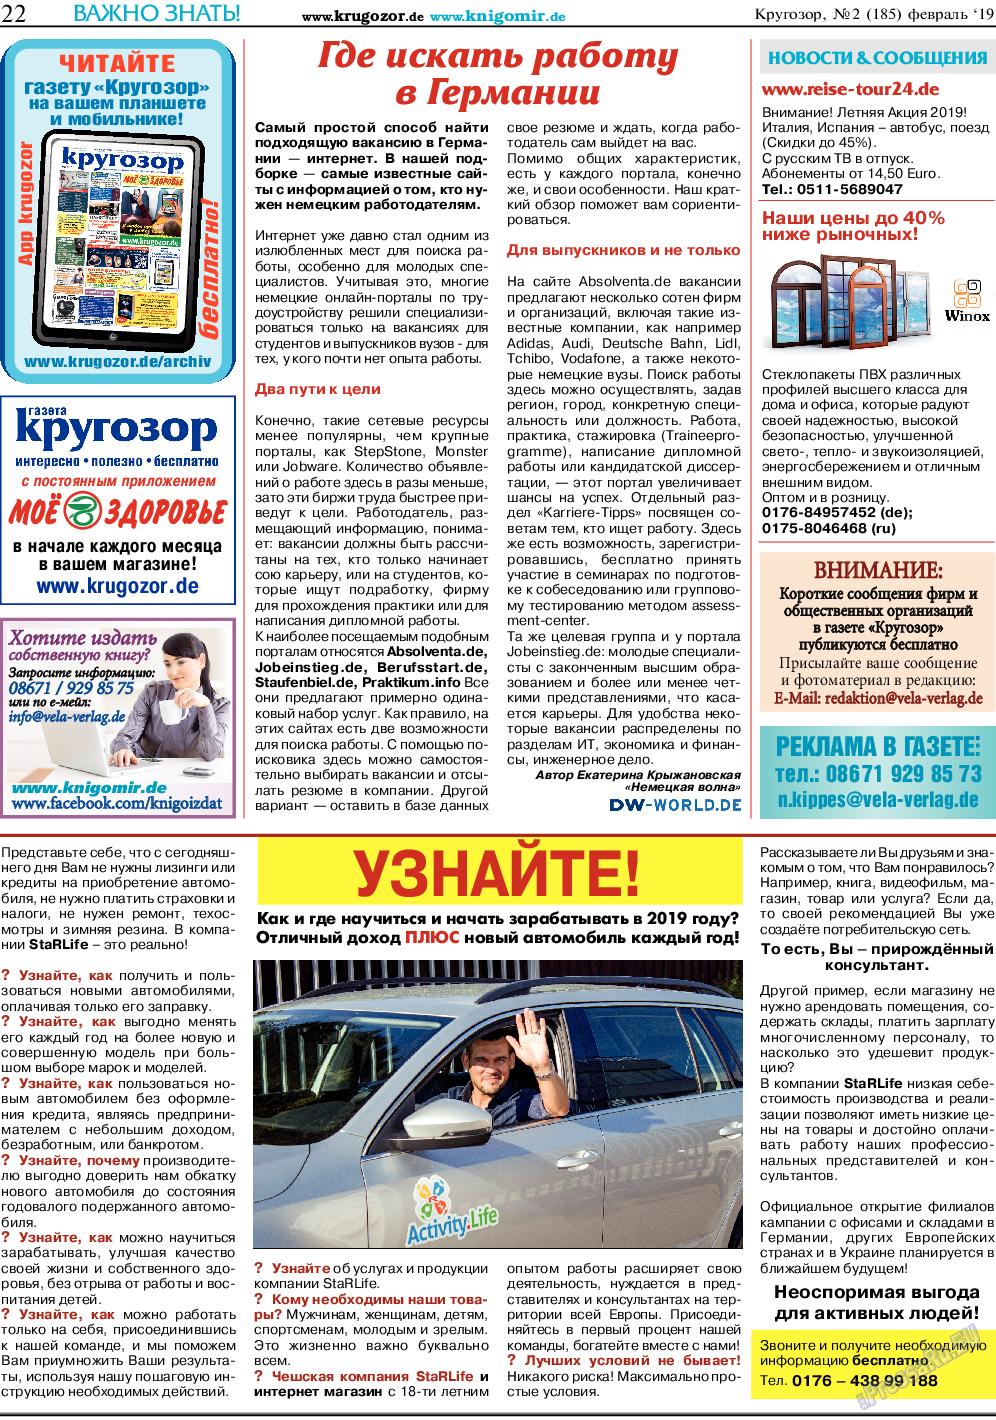 Кругозор (газета). 2019 год, номер 2, стр. 22